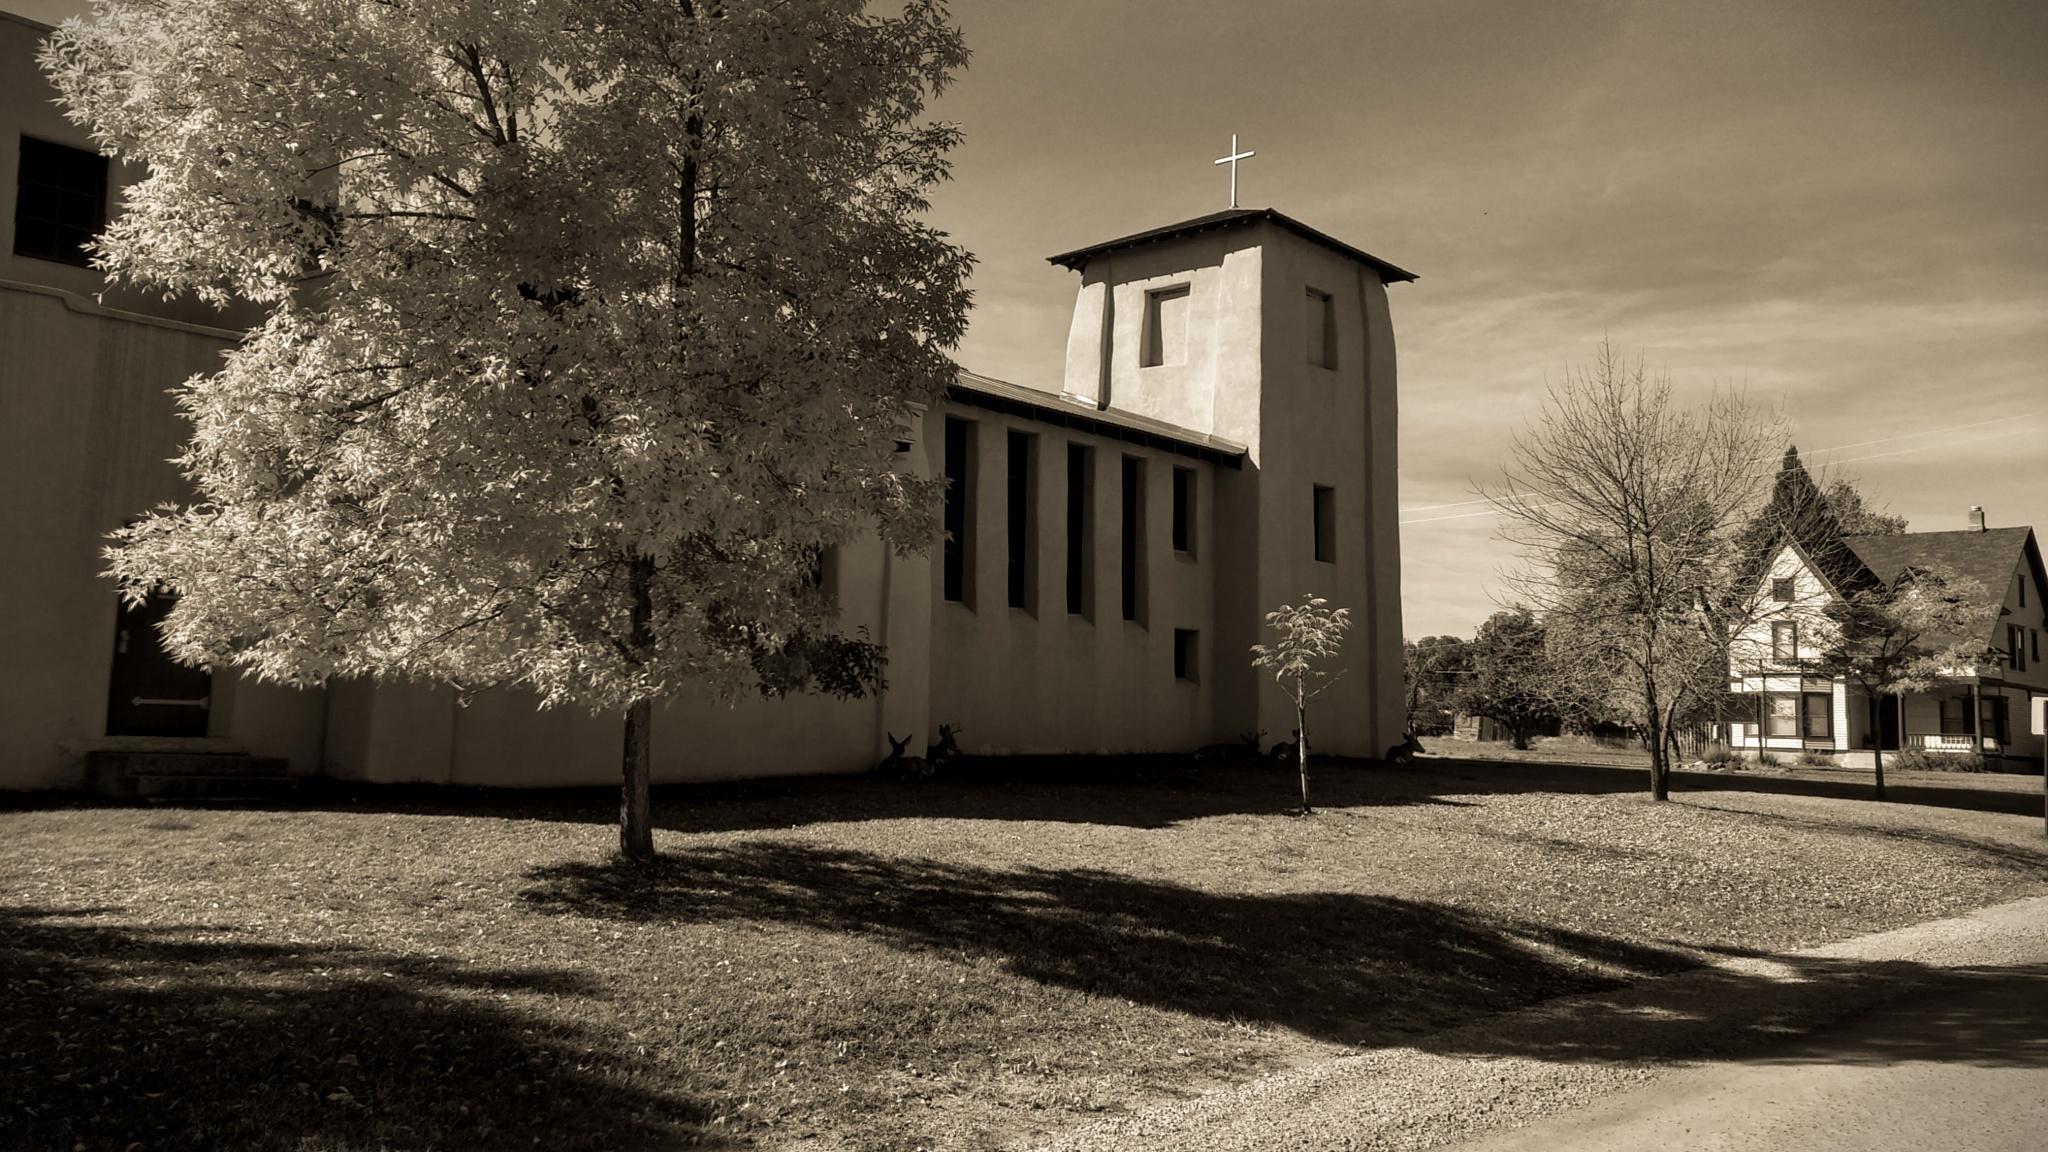 Local Church - La Veta, Co by Lori A. Utley